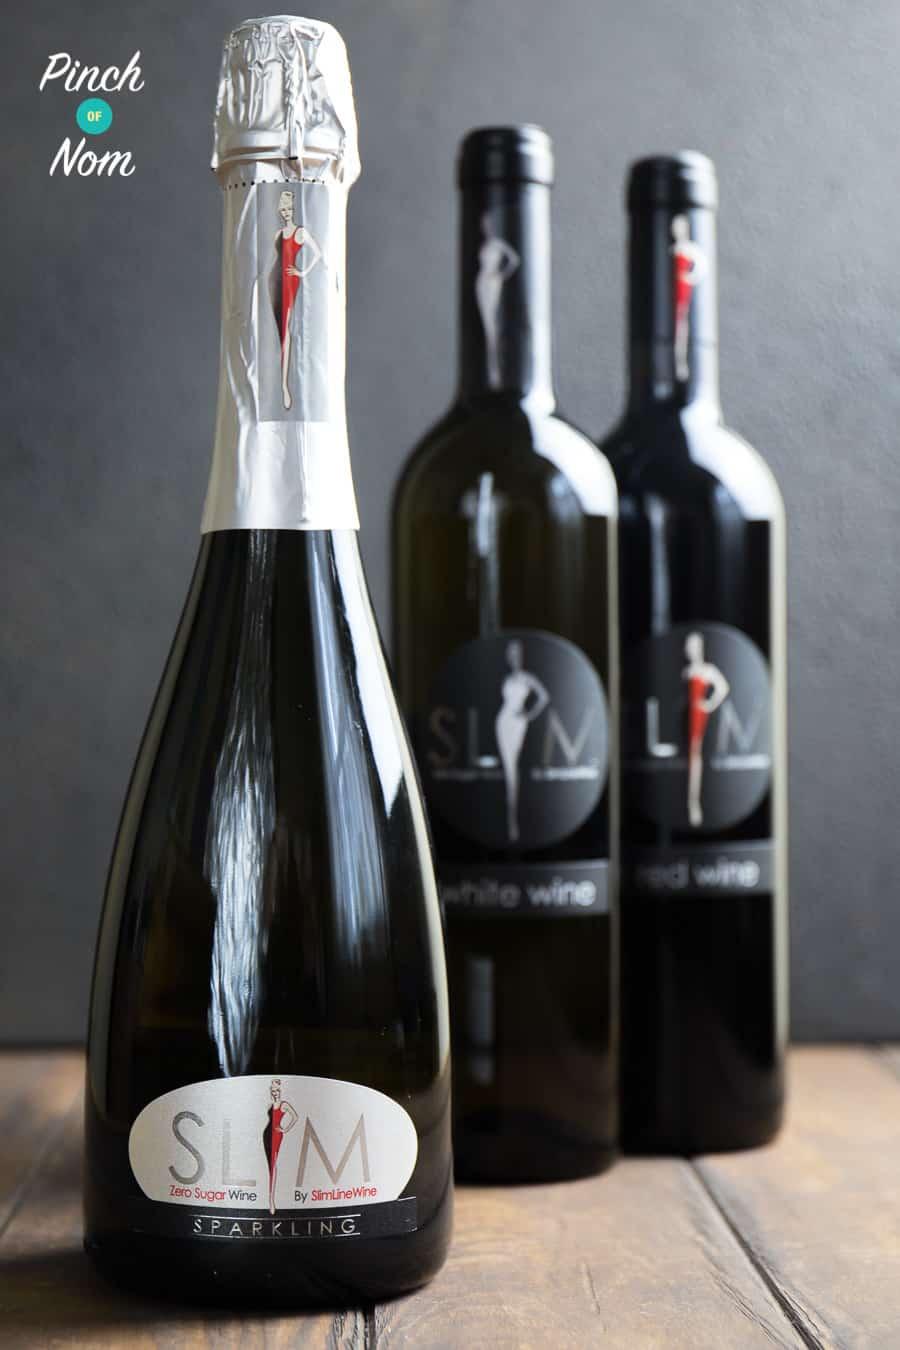 SlimLine Wine Range